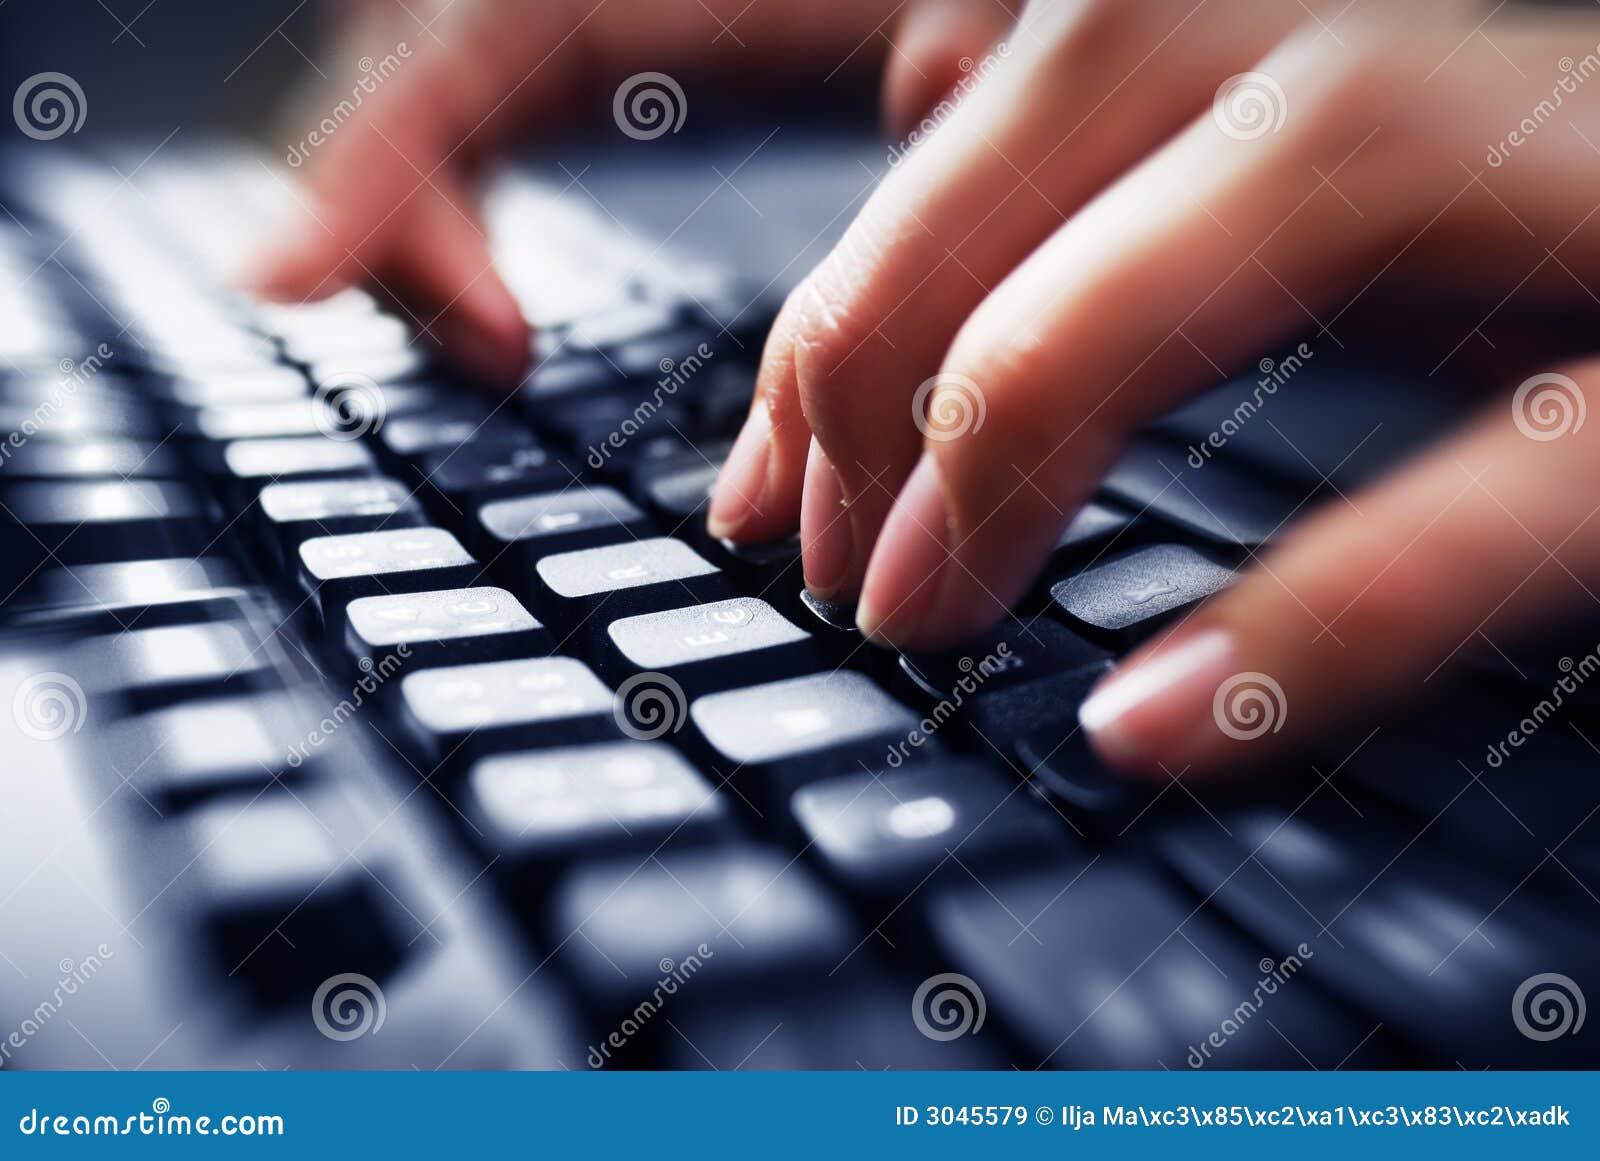 Dotykać klawiatury